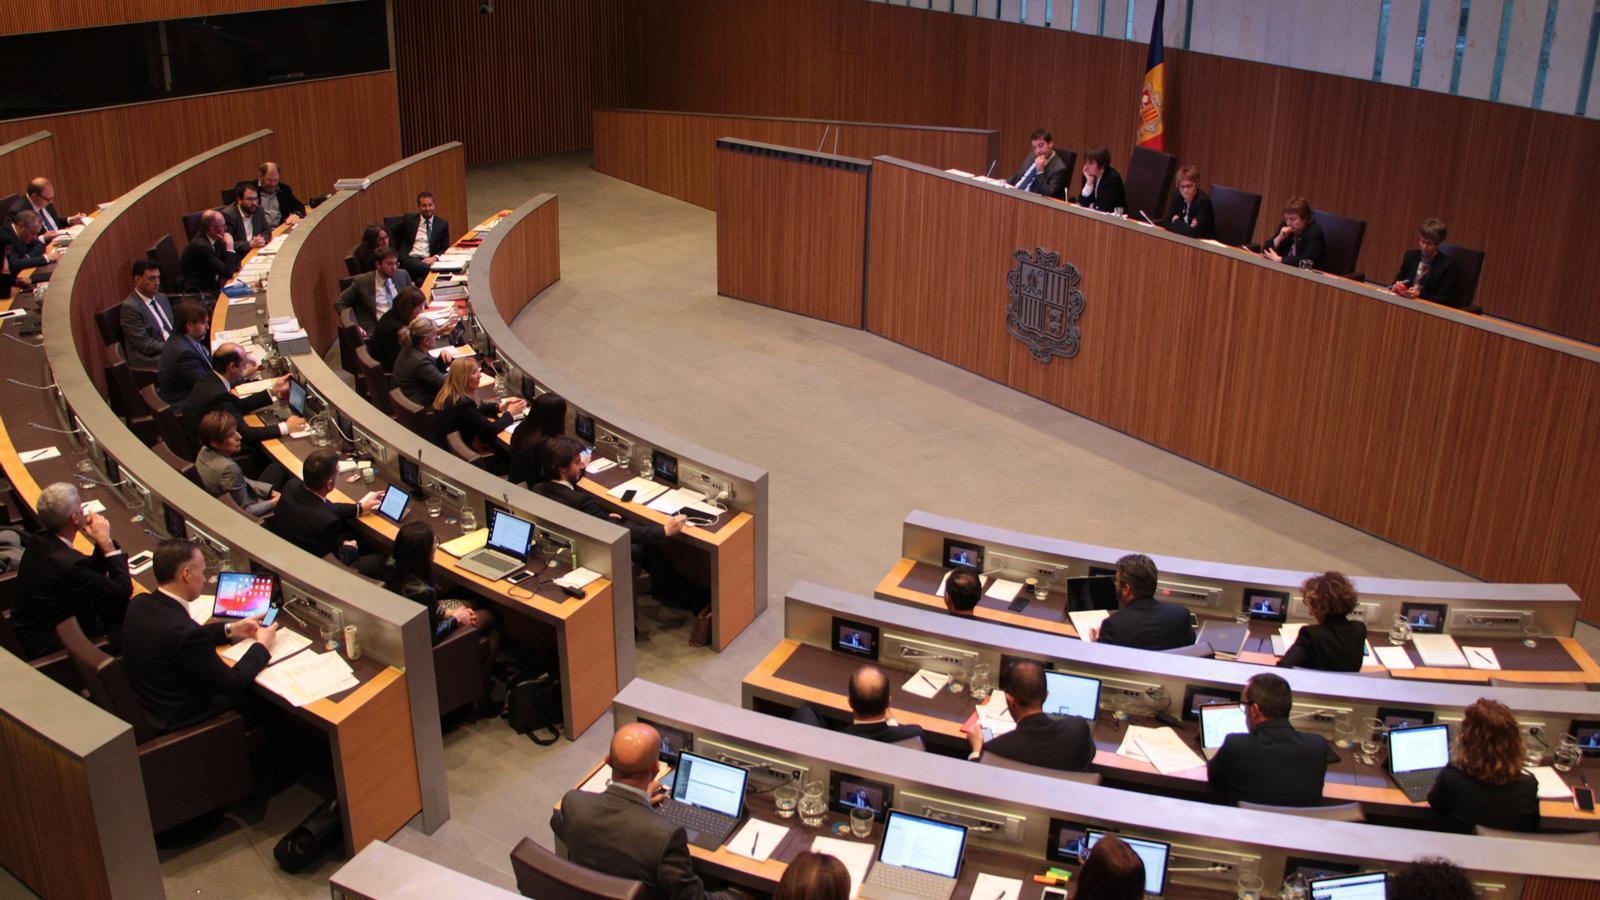 Vista general de l'hemicicle del Consell General durant el debat del pressupost 2020. / M. P. (ANA)